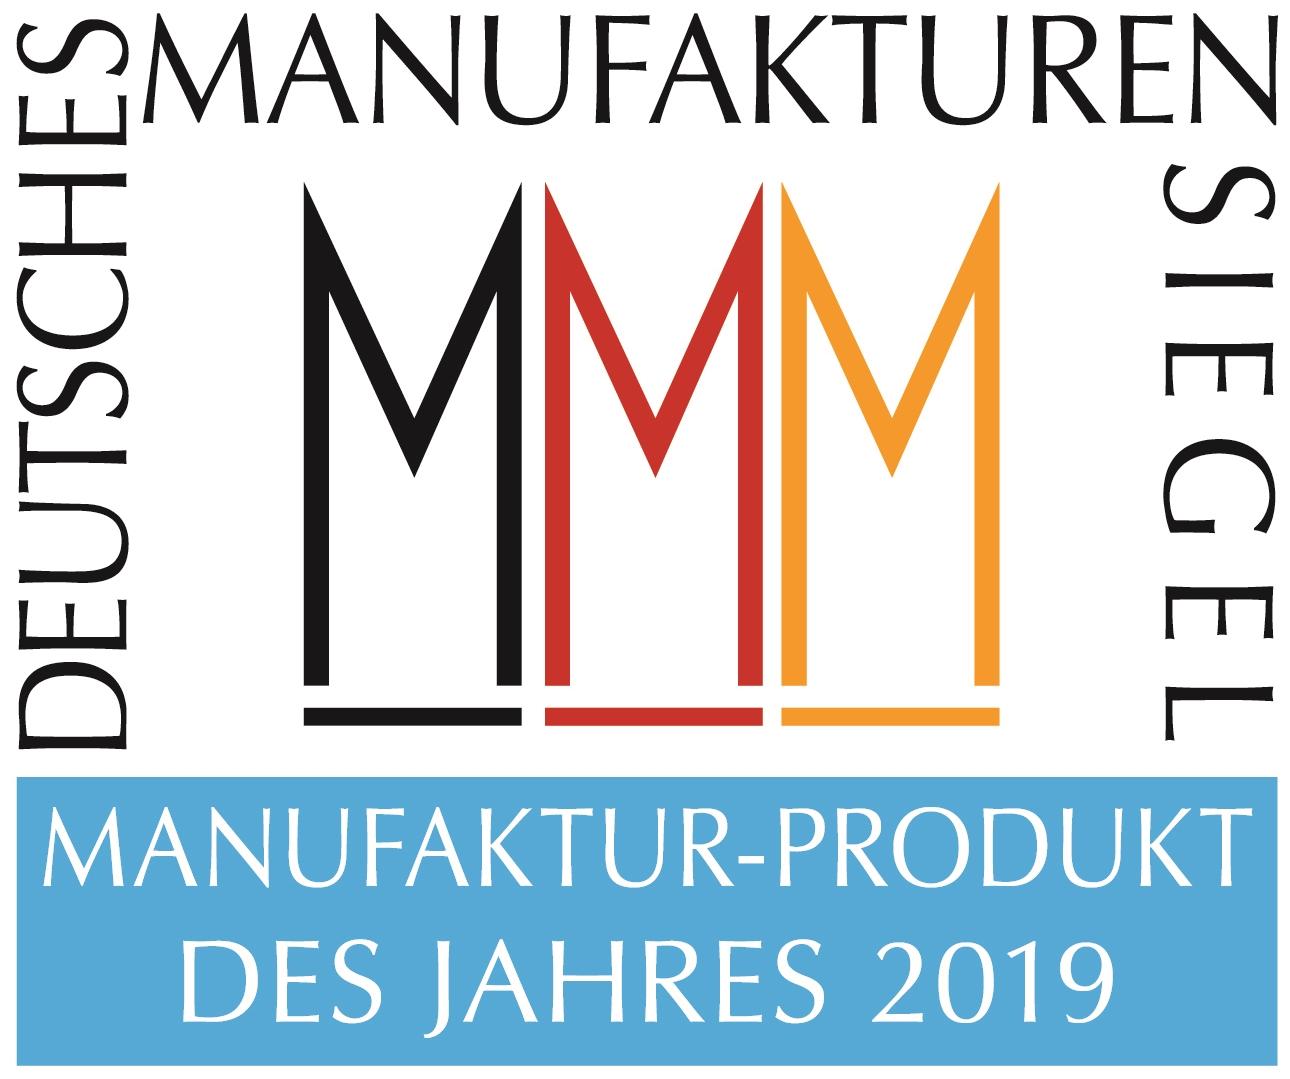 Manufakturen-Blog: das Siegel zum 'Manufaktur-Produkt des Jahres 2019' (Grafik: Peter Sieber, ora et labora)